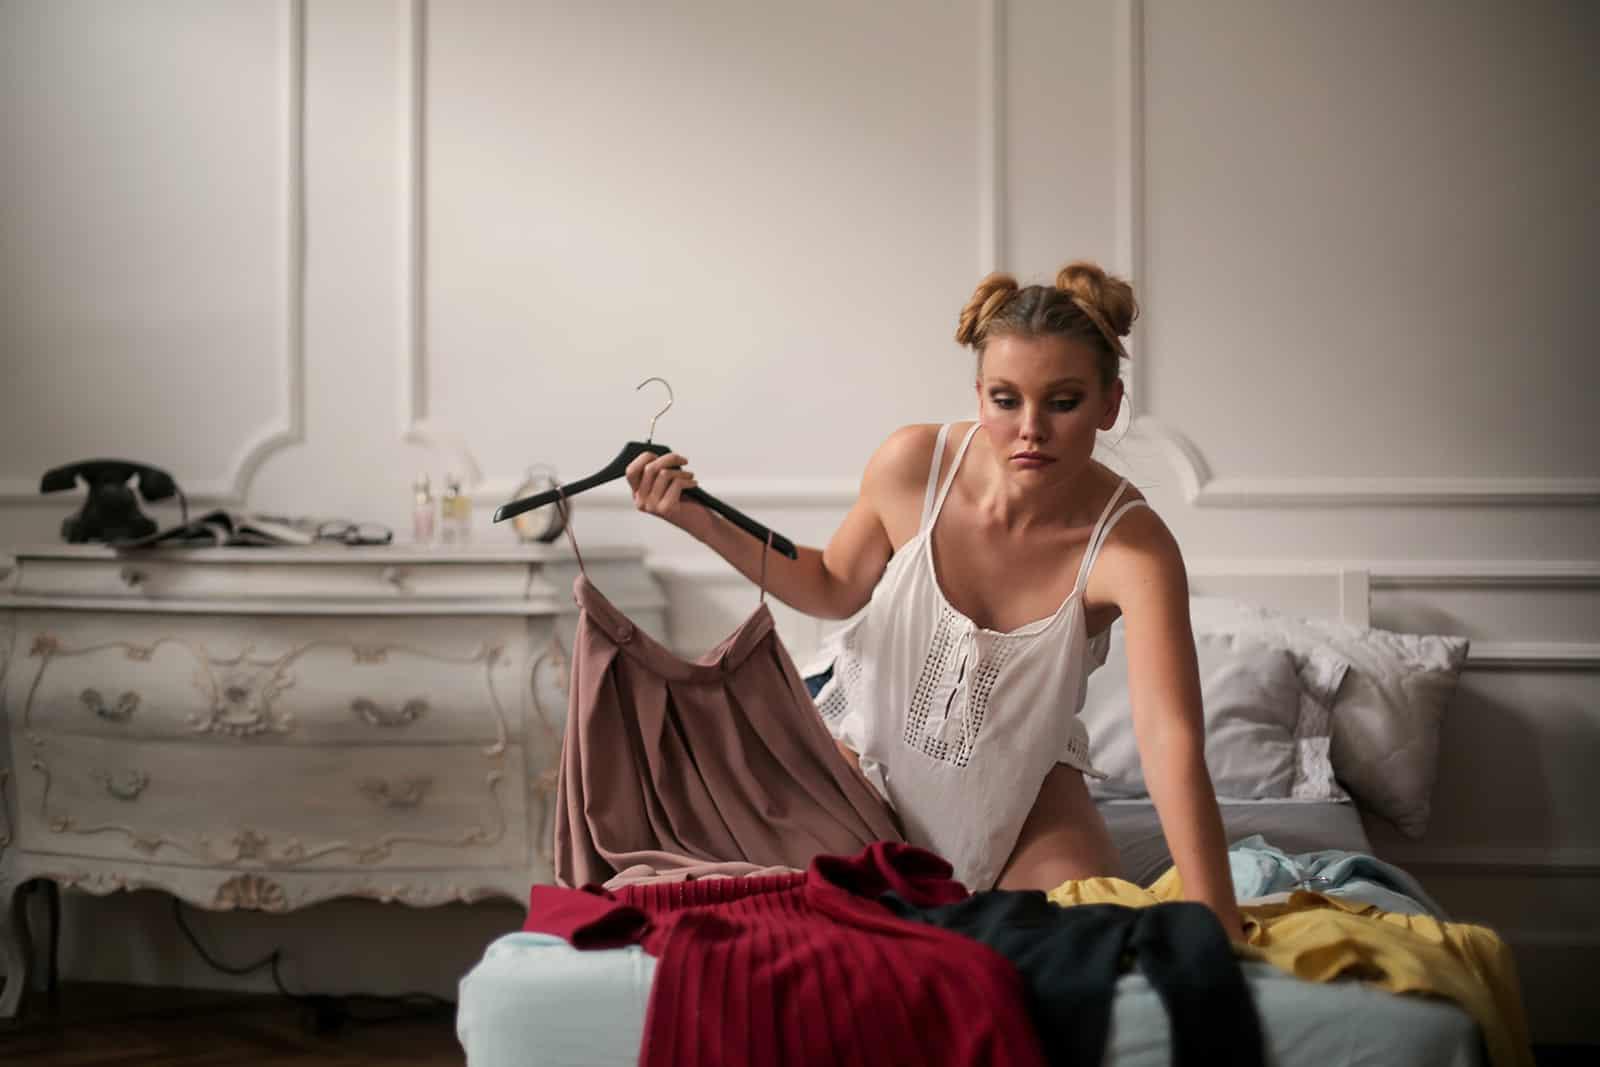 eine Frau, die ein Outfit auswählt, während sie auf dem Bett sitzt